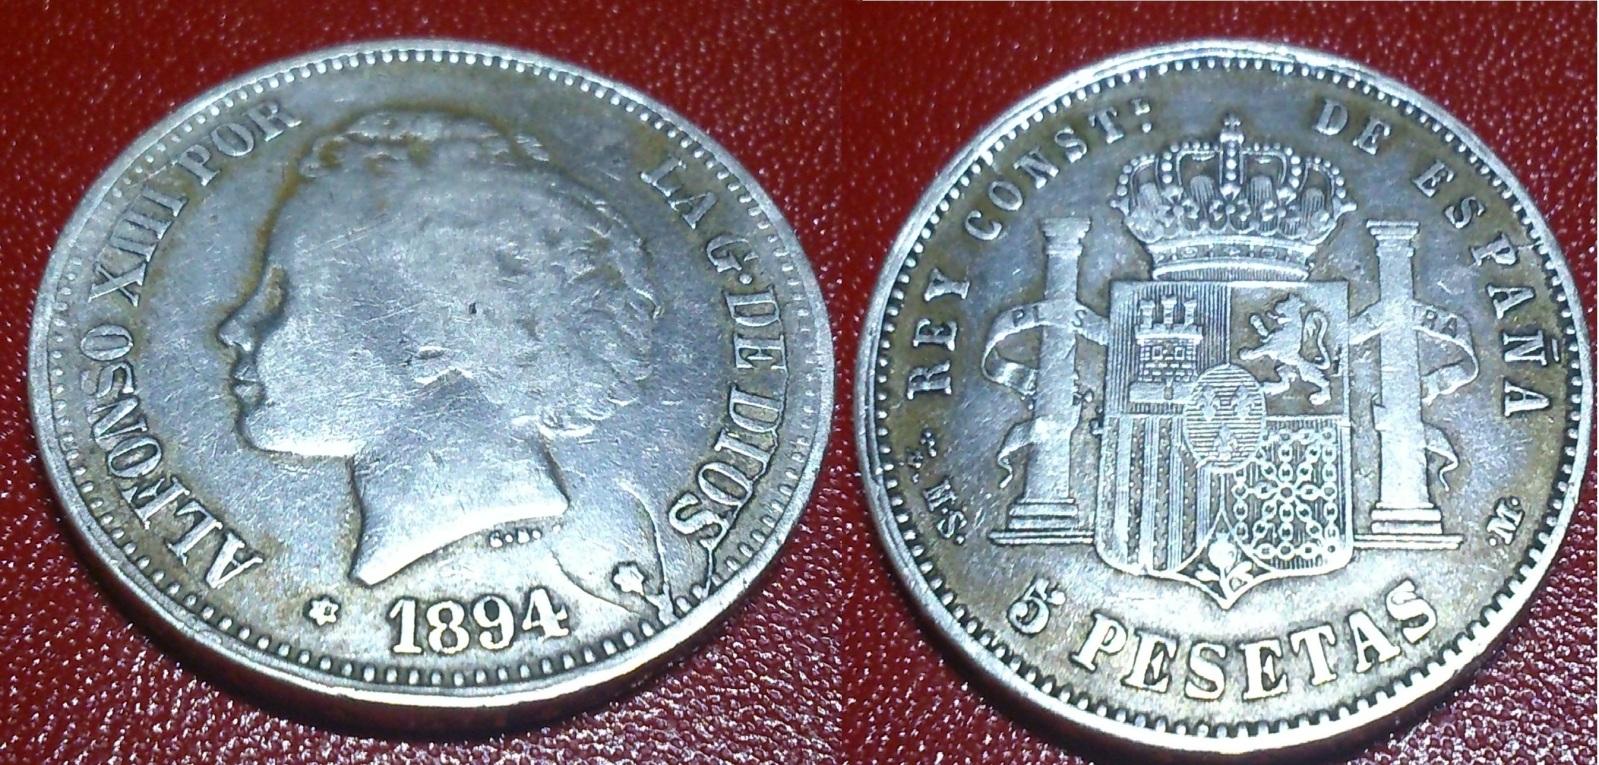 Identificar una moneda Alfonso XIII  5 Pesetas  1894 208cw01